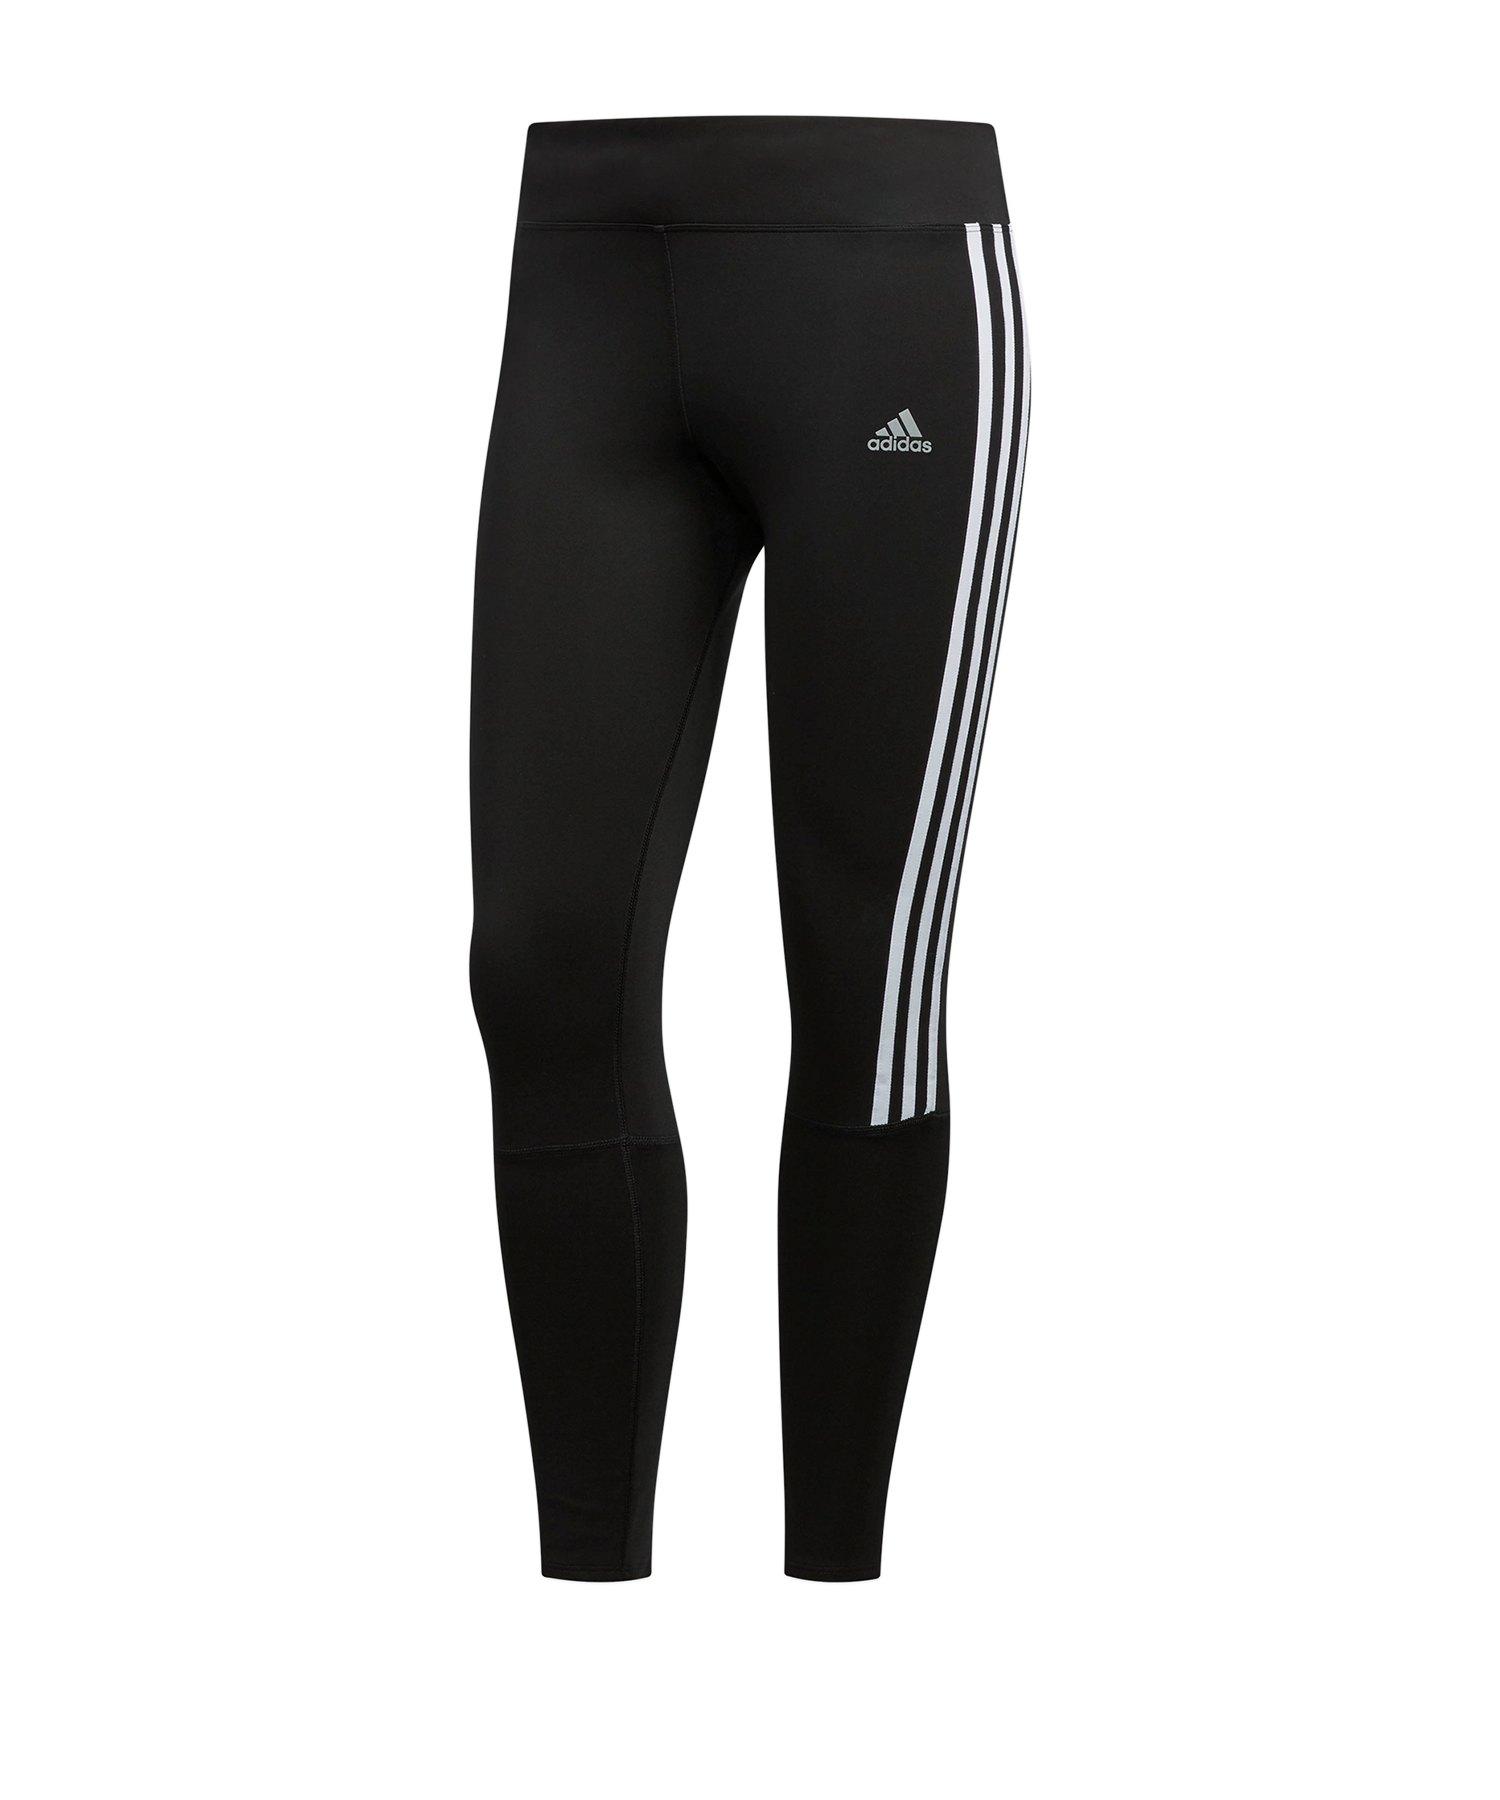 adidas 3S Tight Running Damen Schwarz Weiss - schwarz